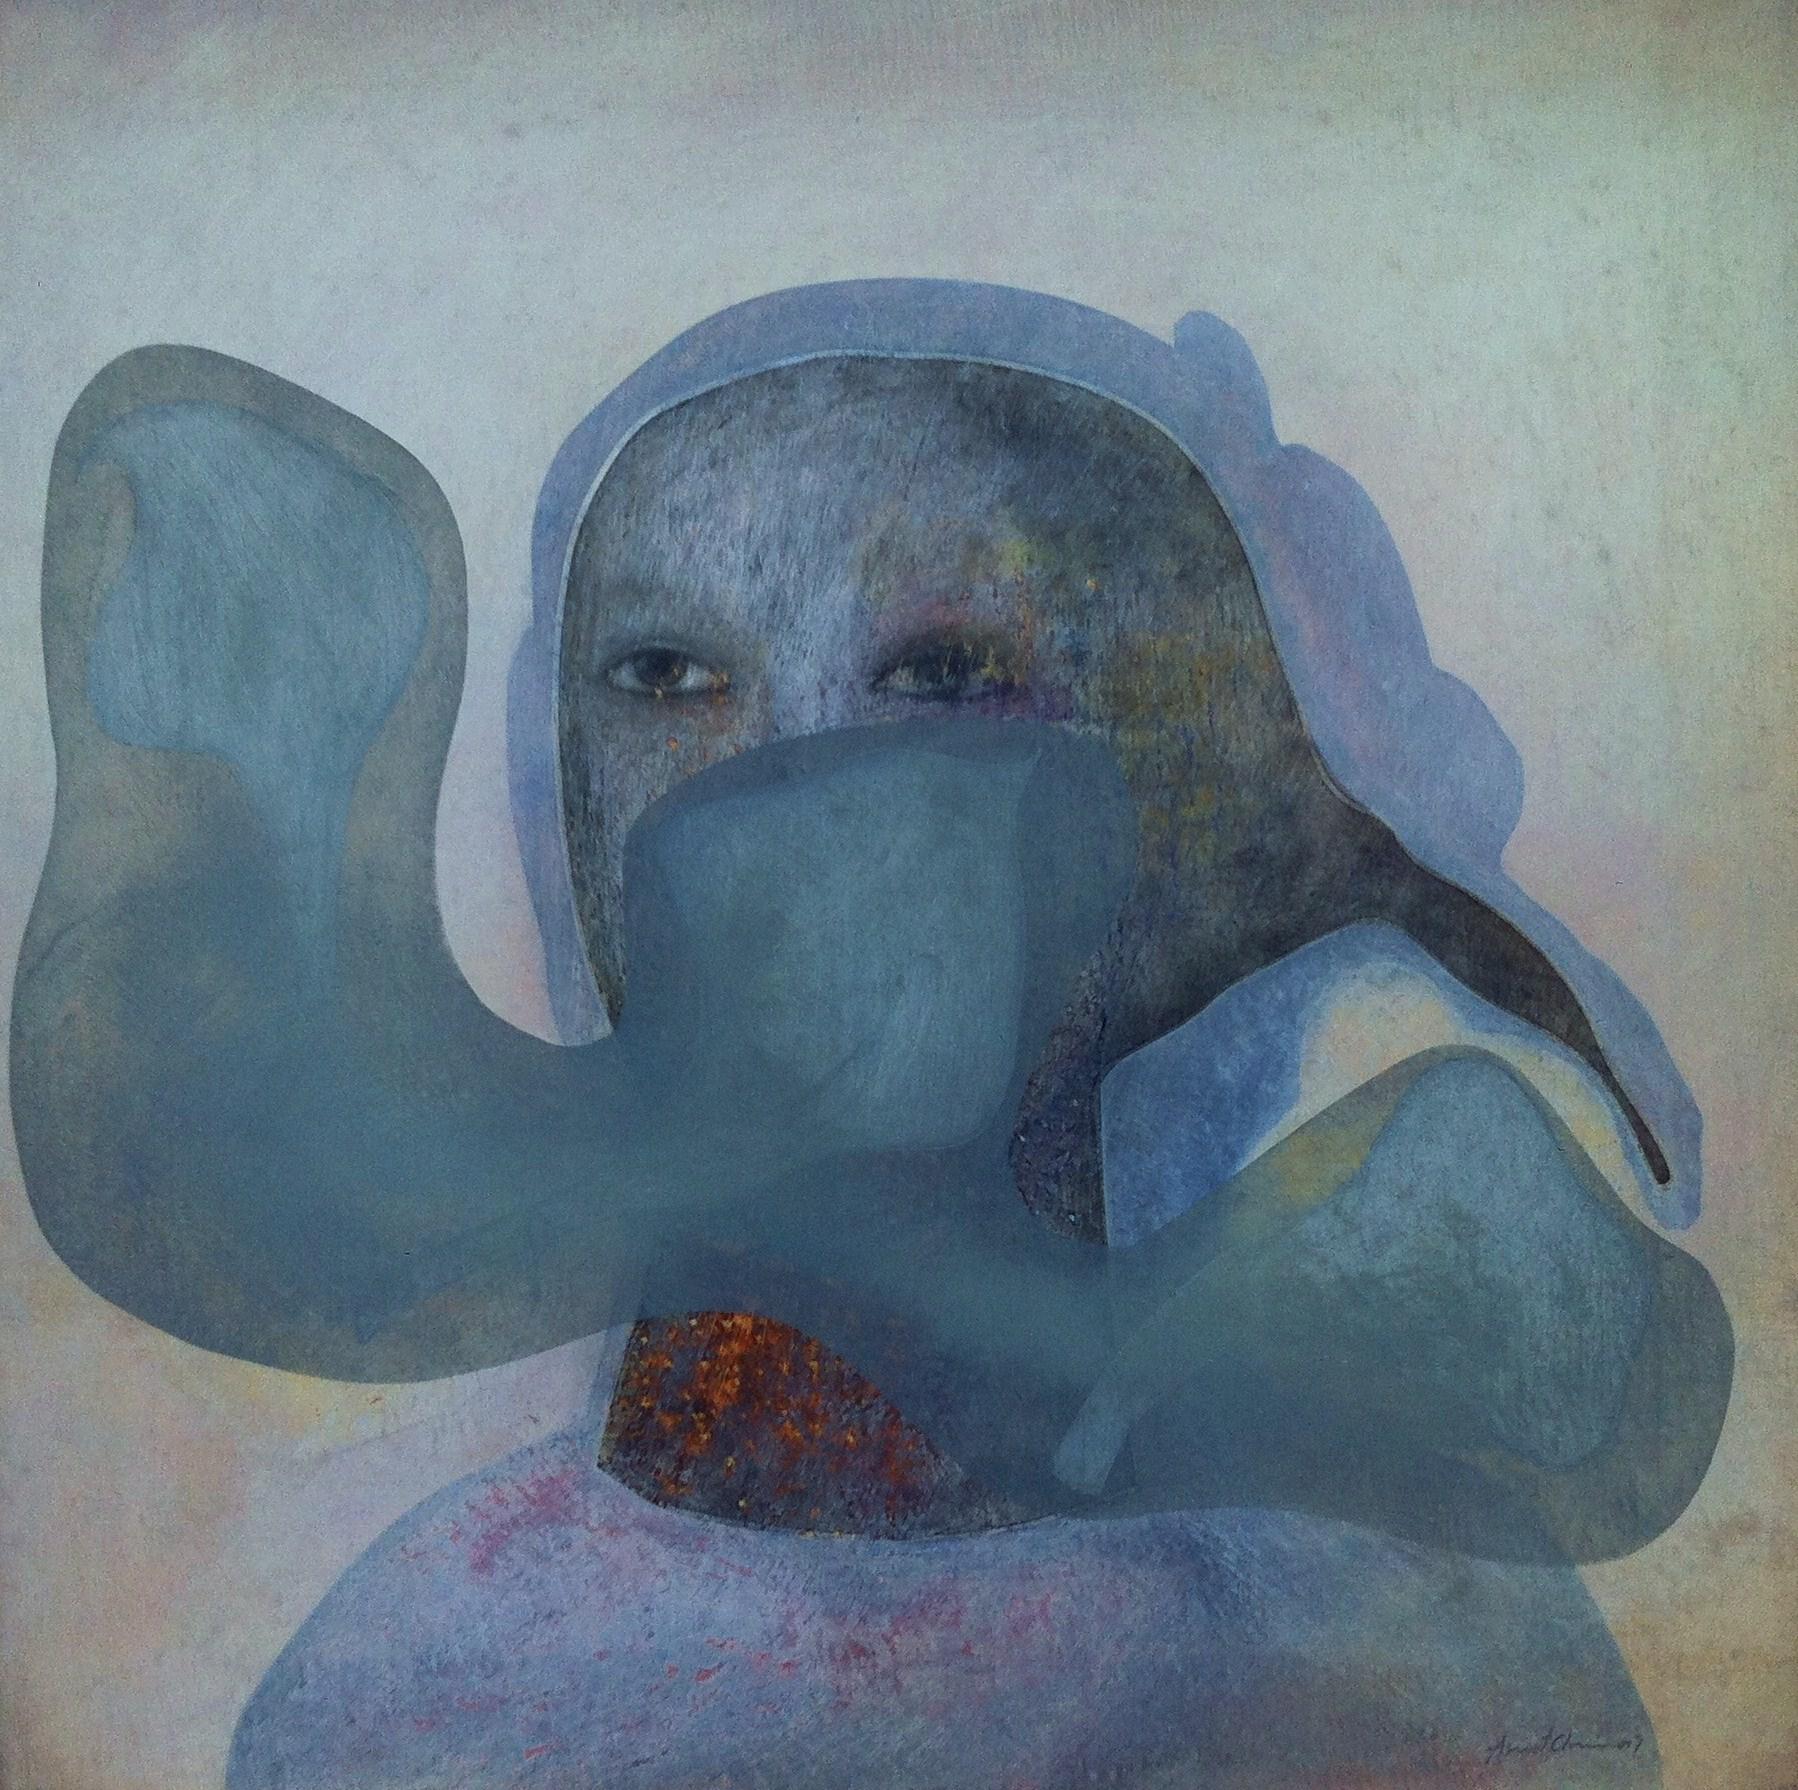 De la serie Nube gris - Óleo sobre lino. 50 x 50 cm (2012) - Asmat Chirinos-Zavala